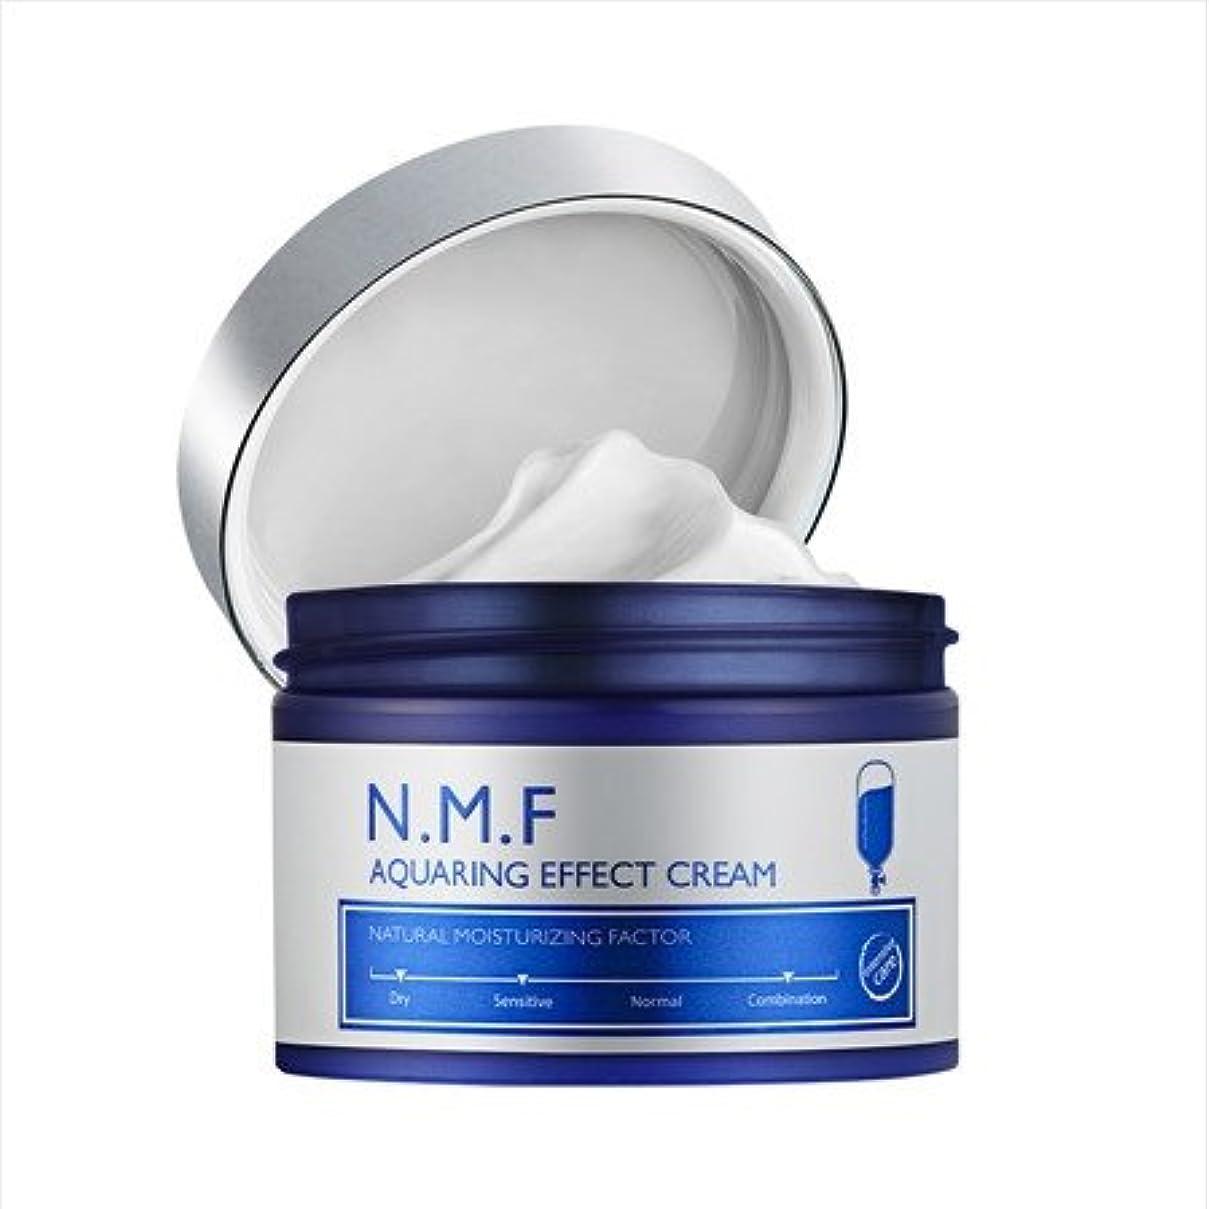 アベニュー合併症屈辱するメディヒール Mediheal N.M.F クアリングエフェクトクリームNMF Aqua Ring Effect Cream 50ml [並行輸入品]